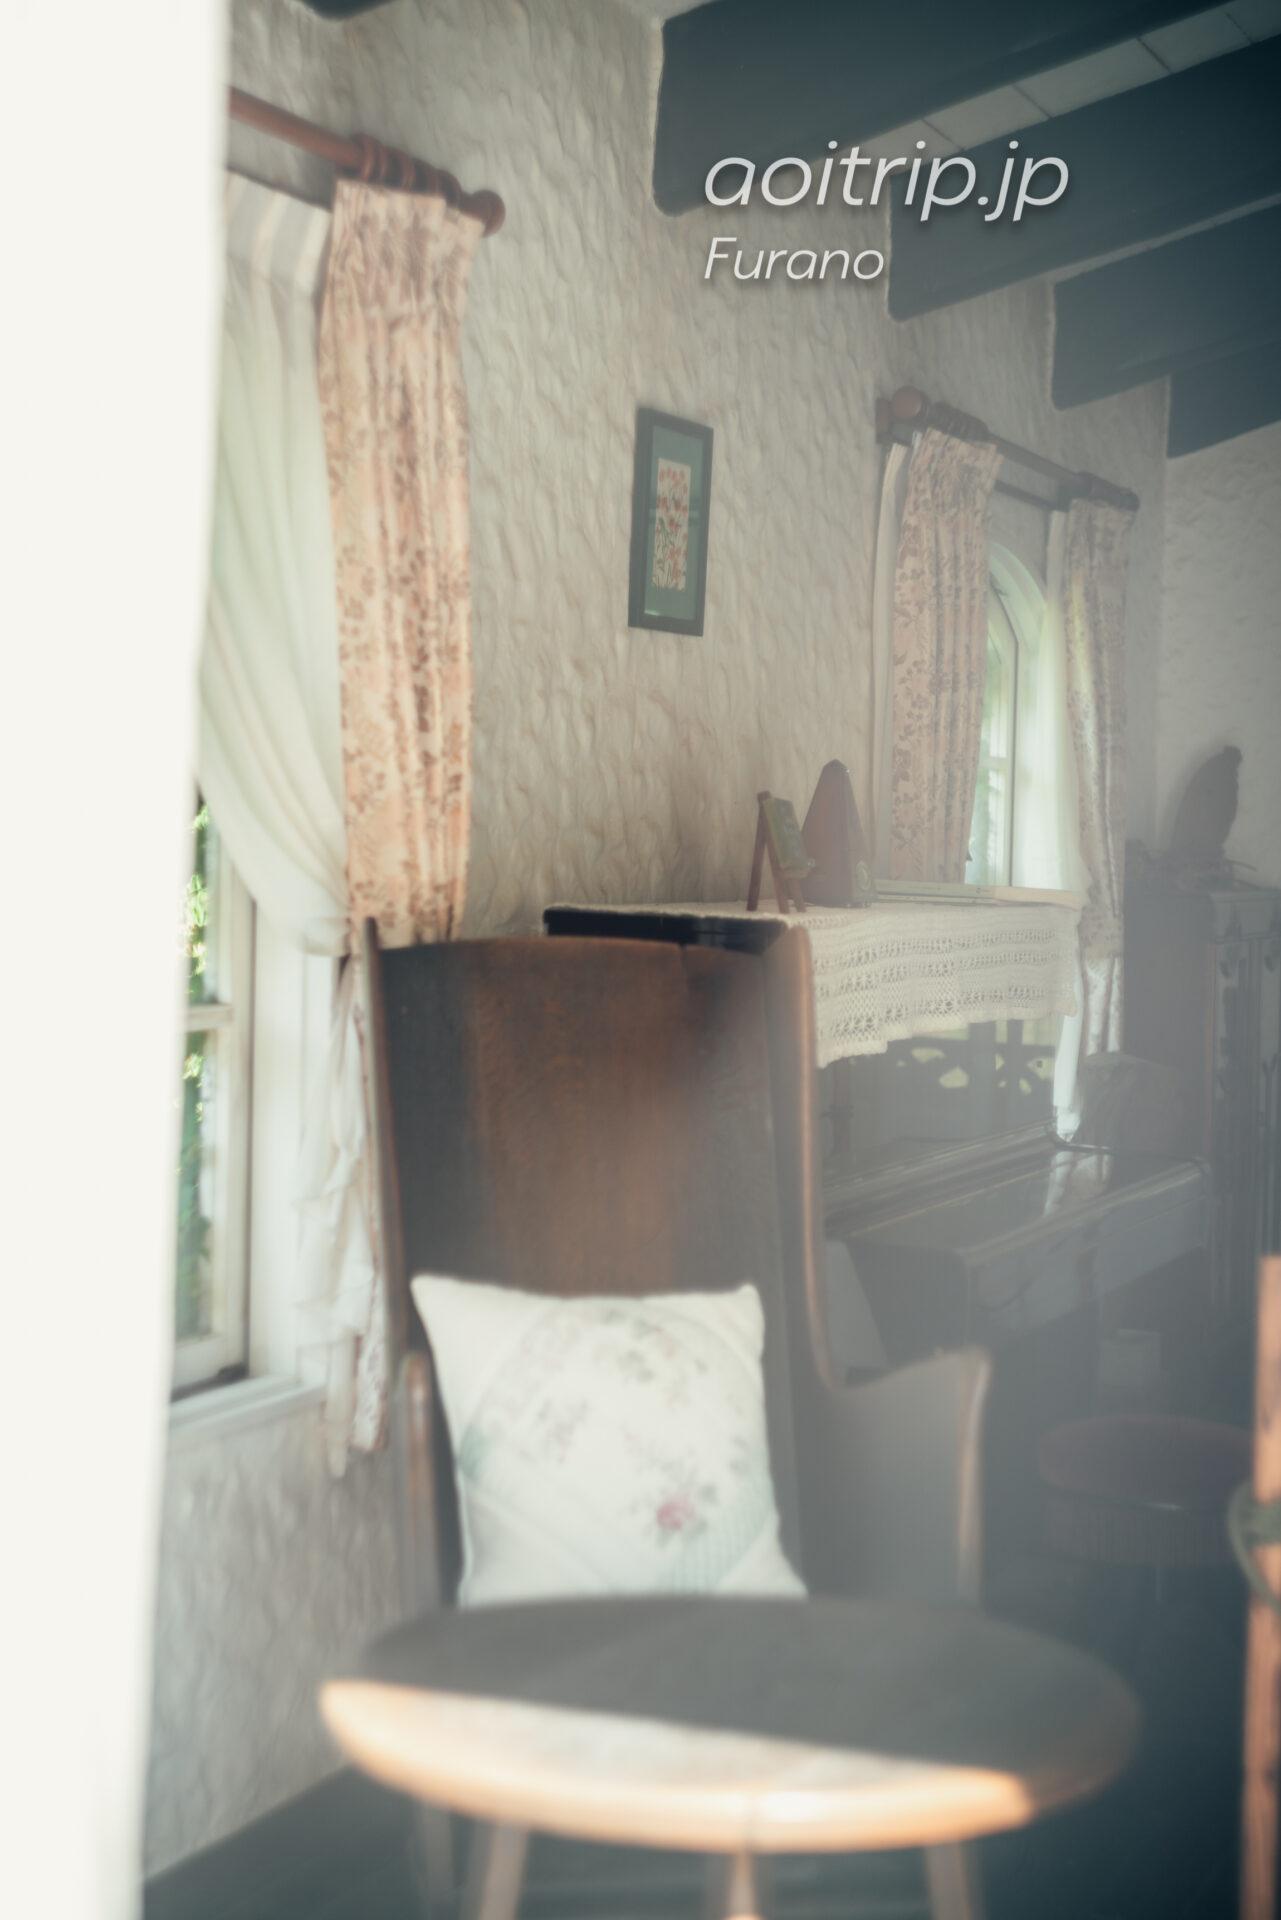 風のガーデン グリーンハウス内にあるピアノ ドラマでは白鳥岳が演奏を行なった